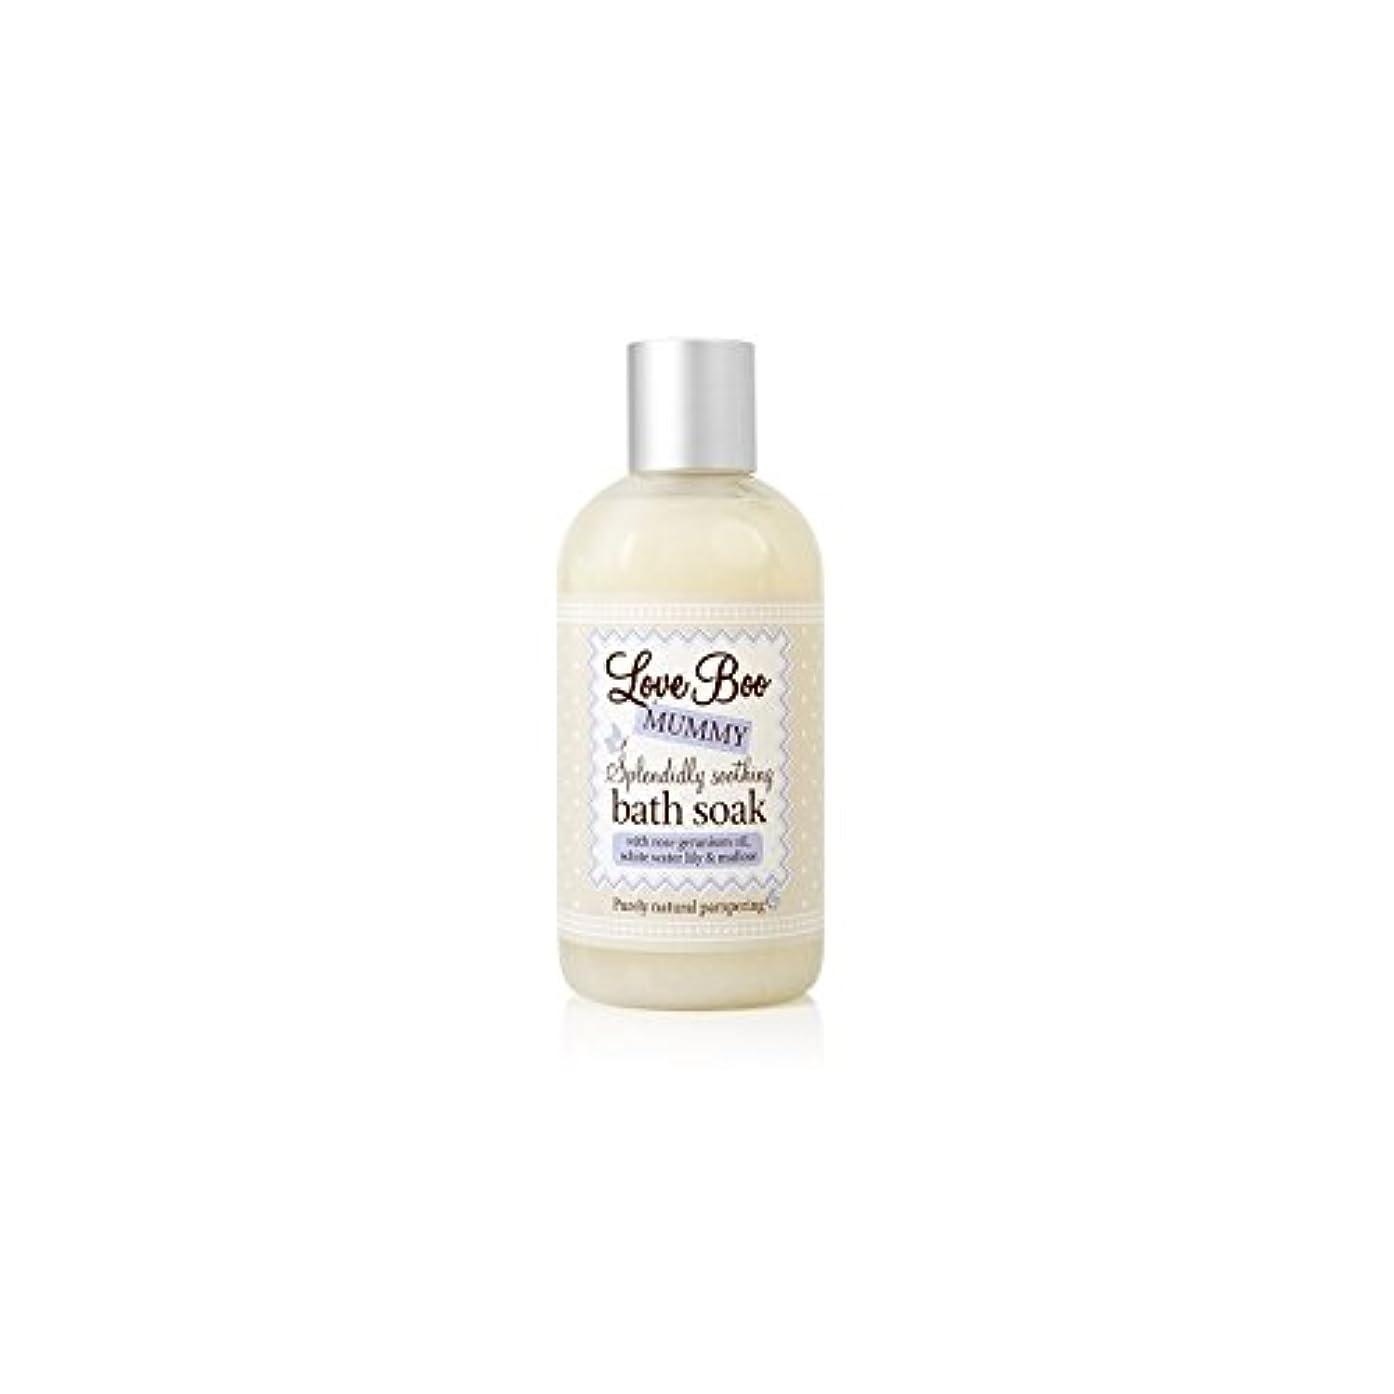 分泌するバスルーム芸術ブーイング見事なだめるようなお風呂が大好き(250ミリリットル)を浸します x4 - Love Boo Splendidly Soothing Bath Soak (250ml) (Pack of 4) [並行輸入品]